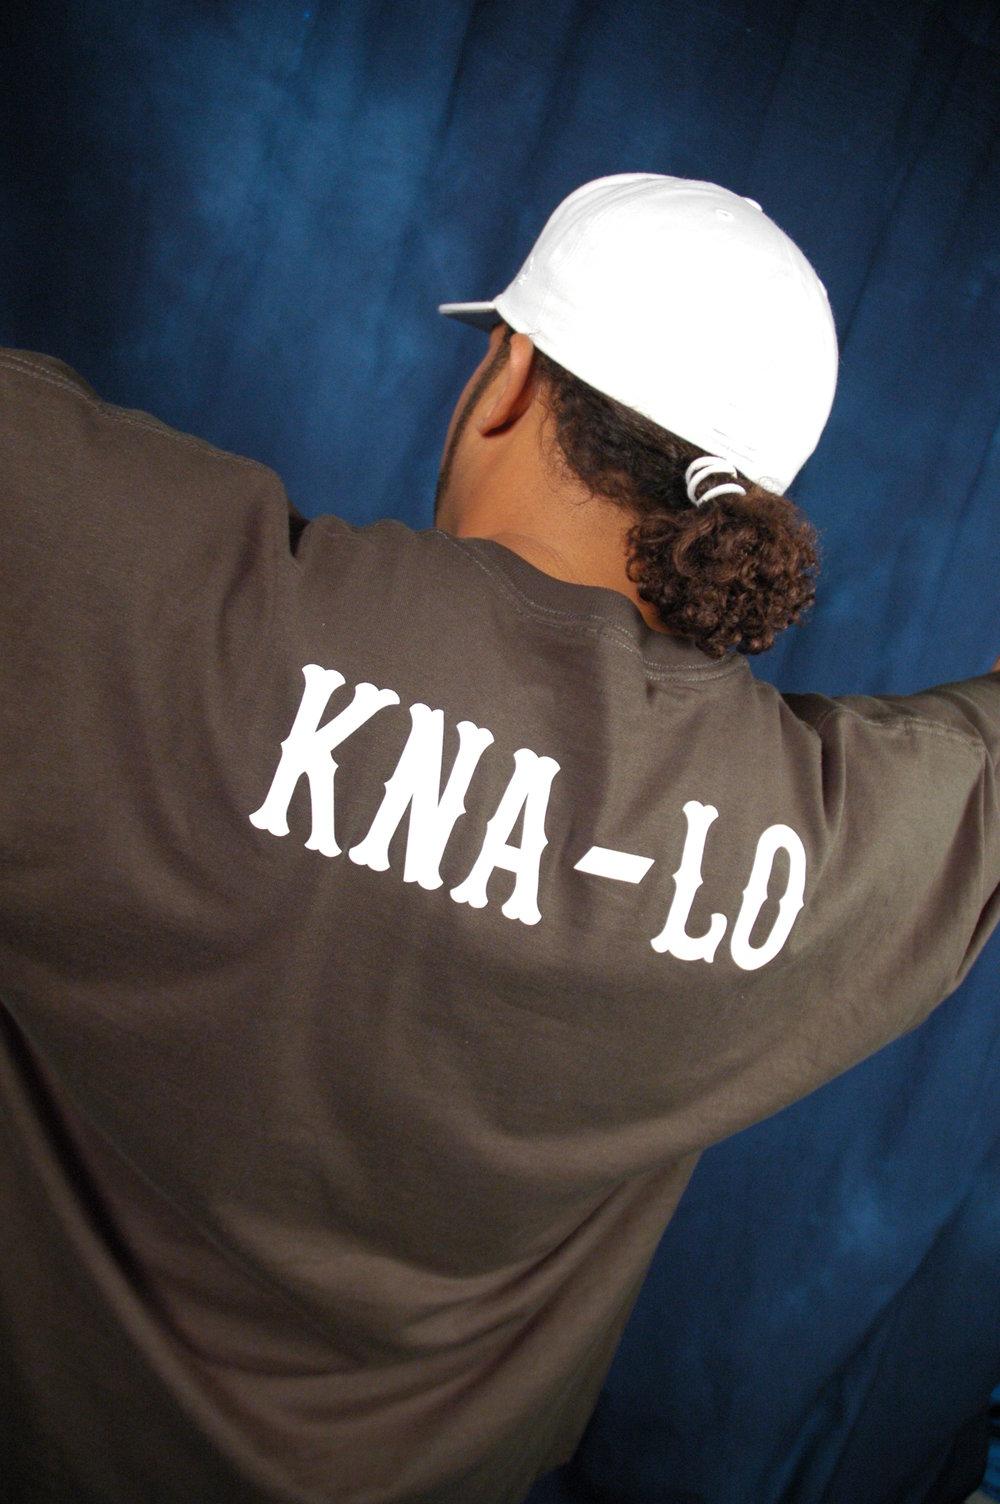 KNA-LO VENGE (9).JPG